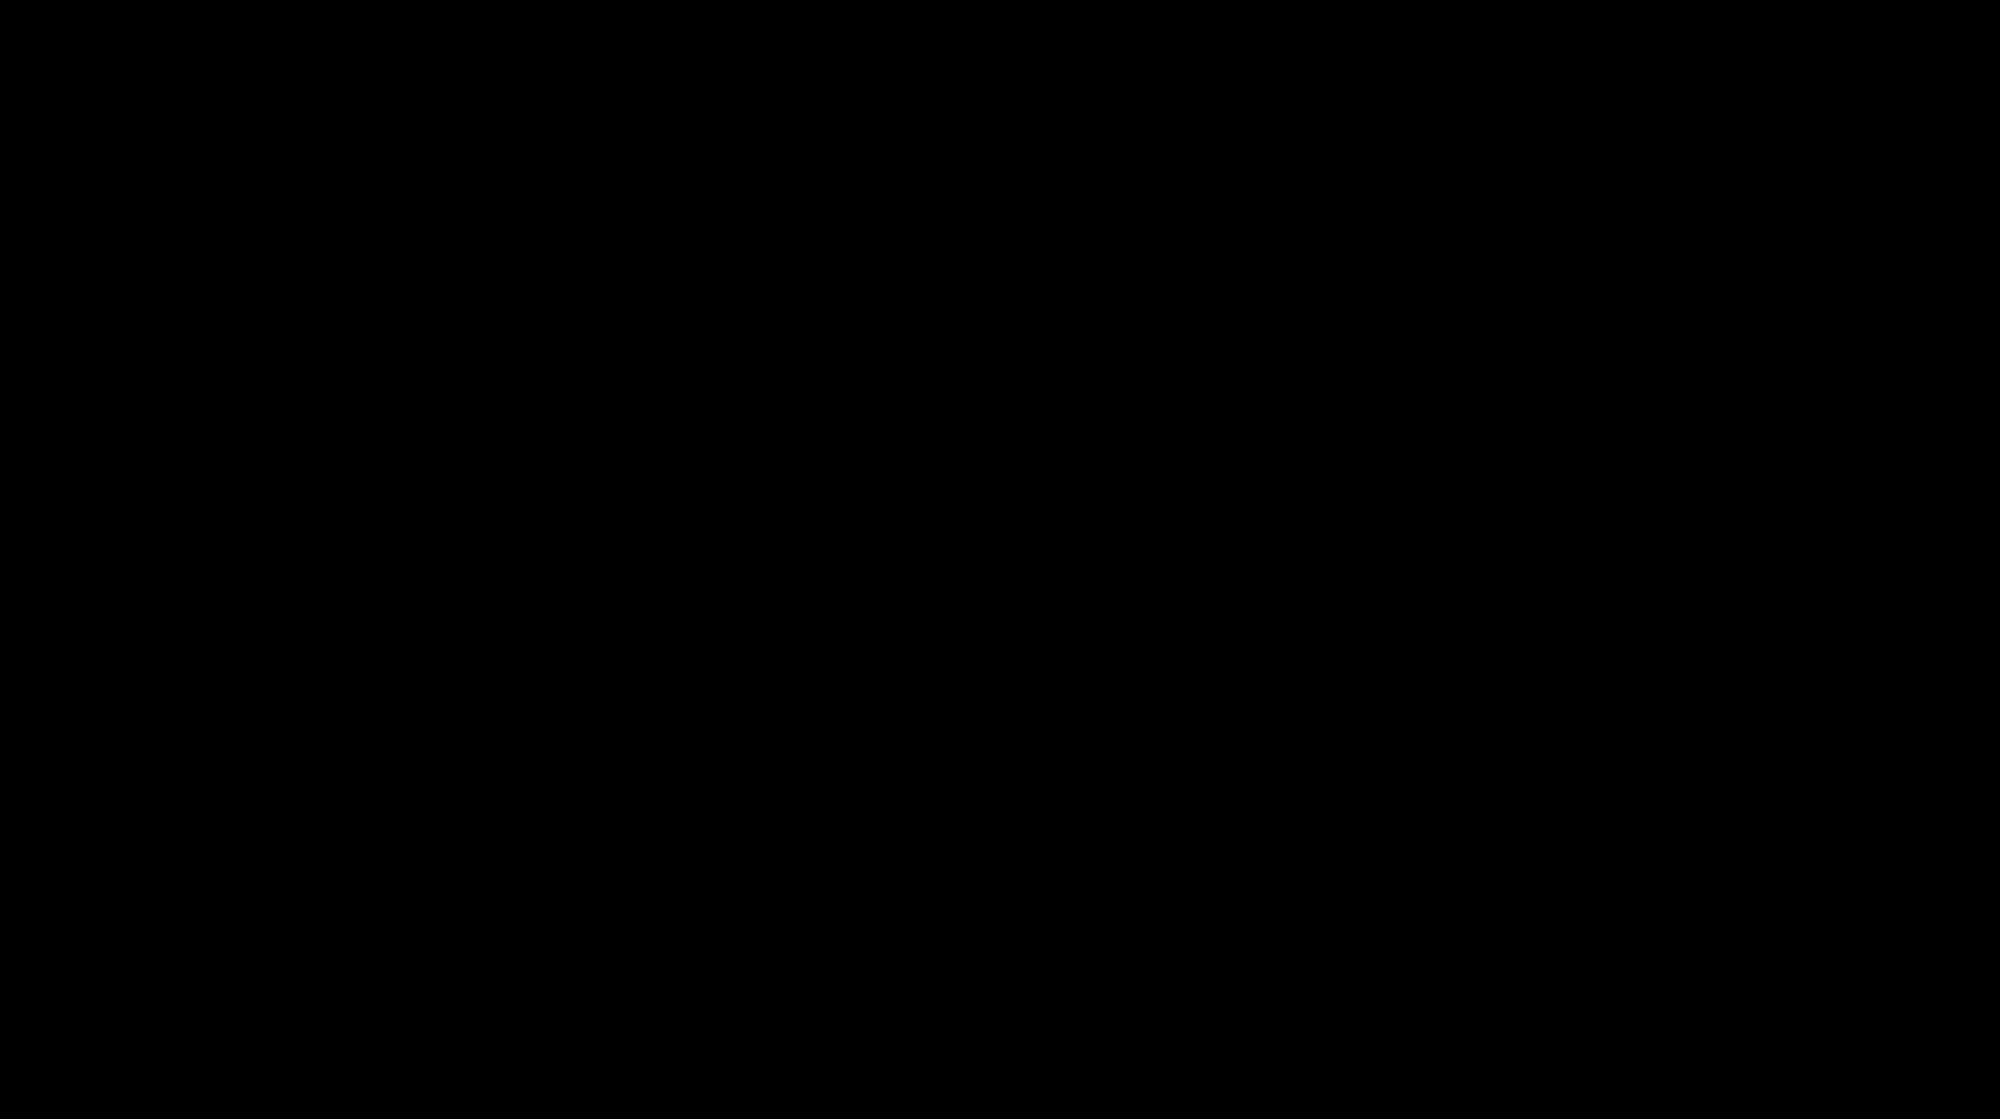 gull silhouette Google Search Stencils